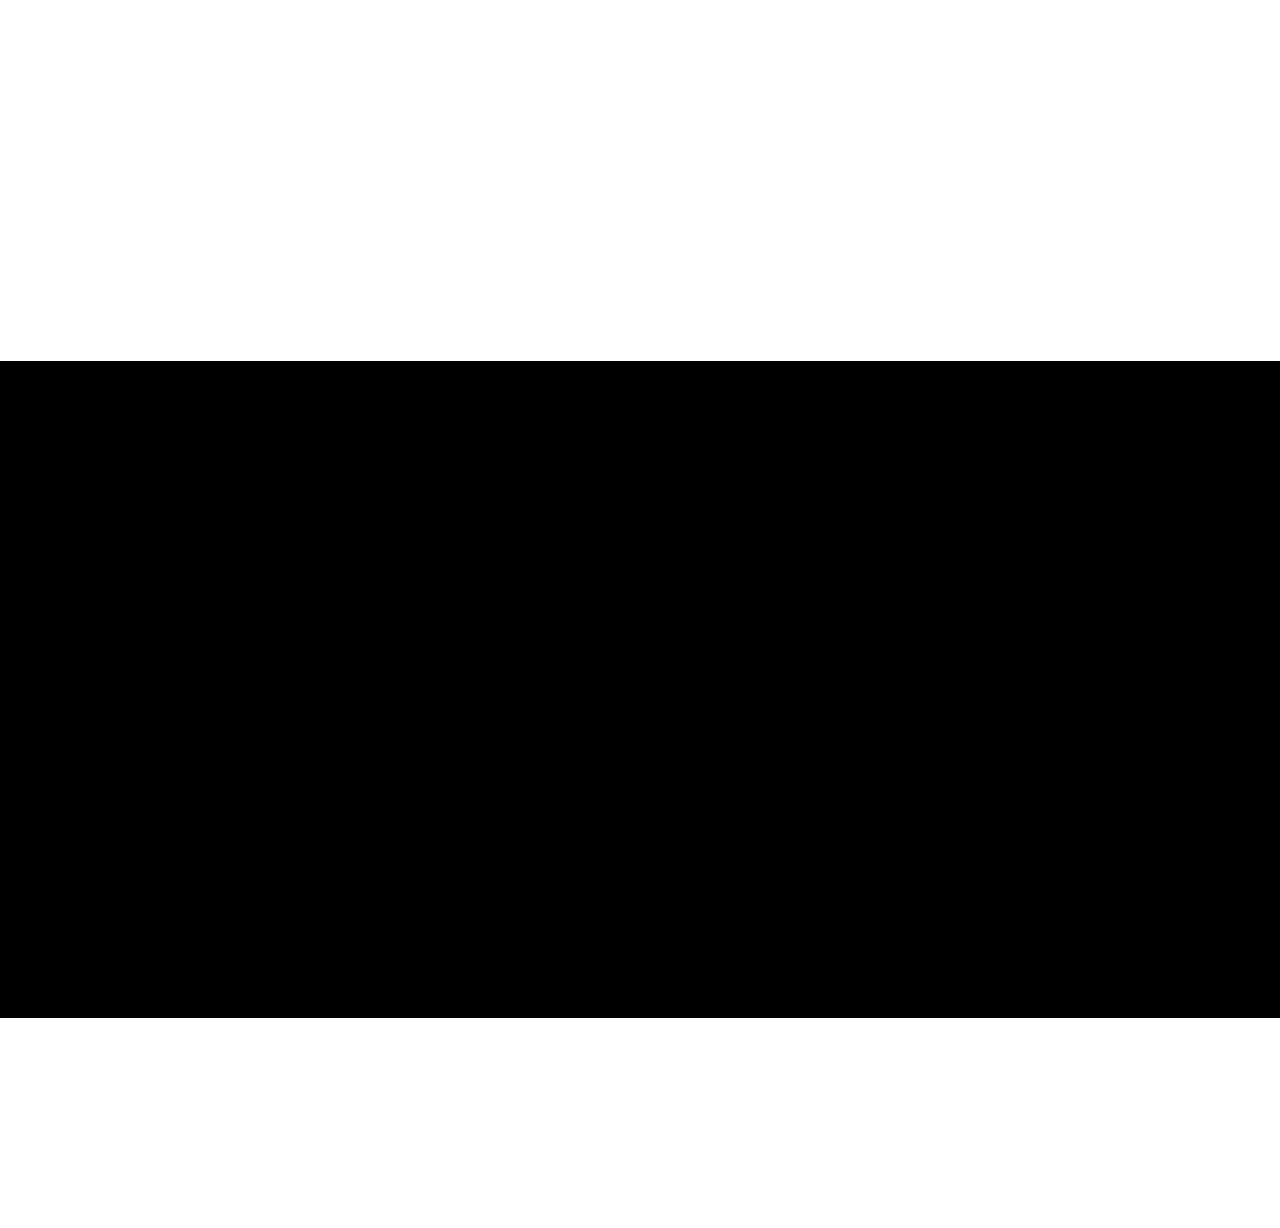 Walden_Media_logo.png